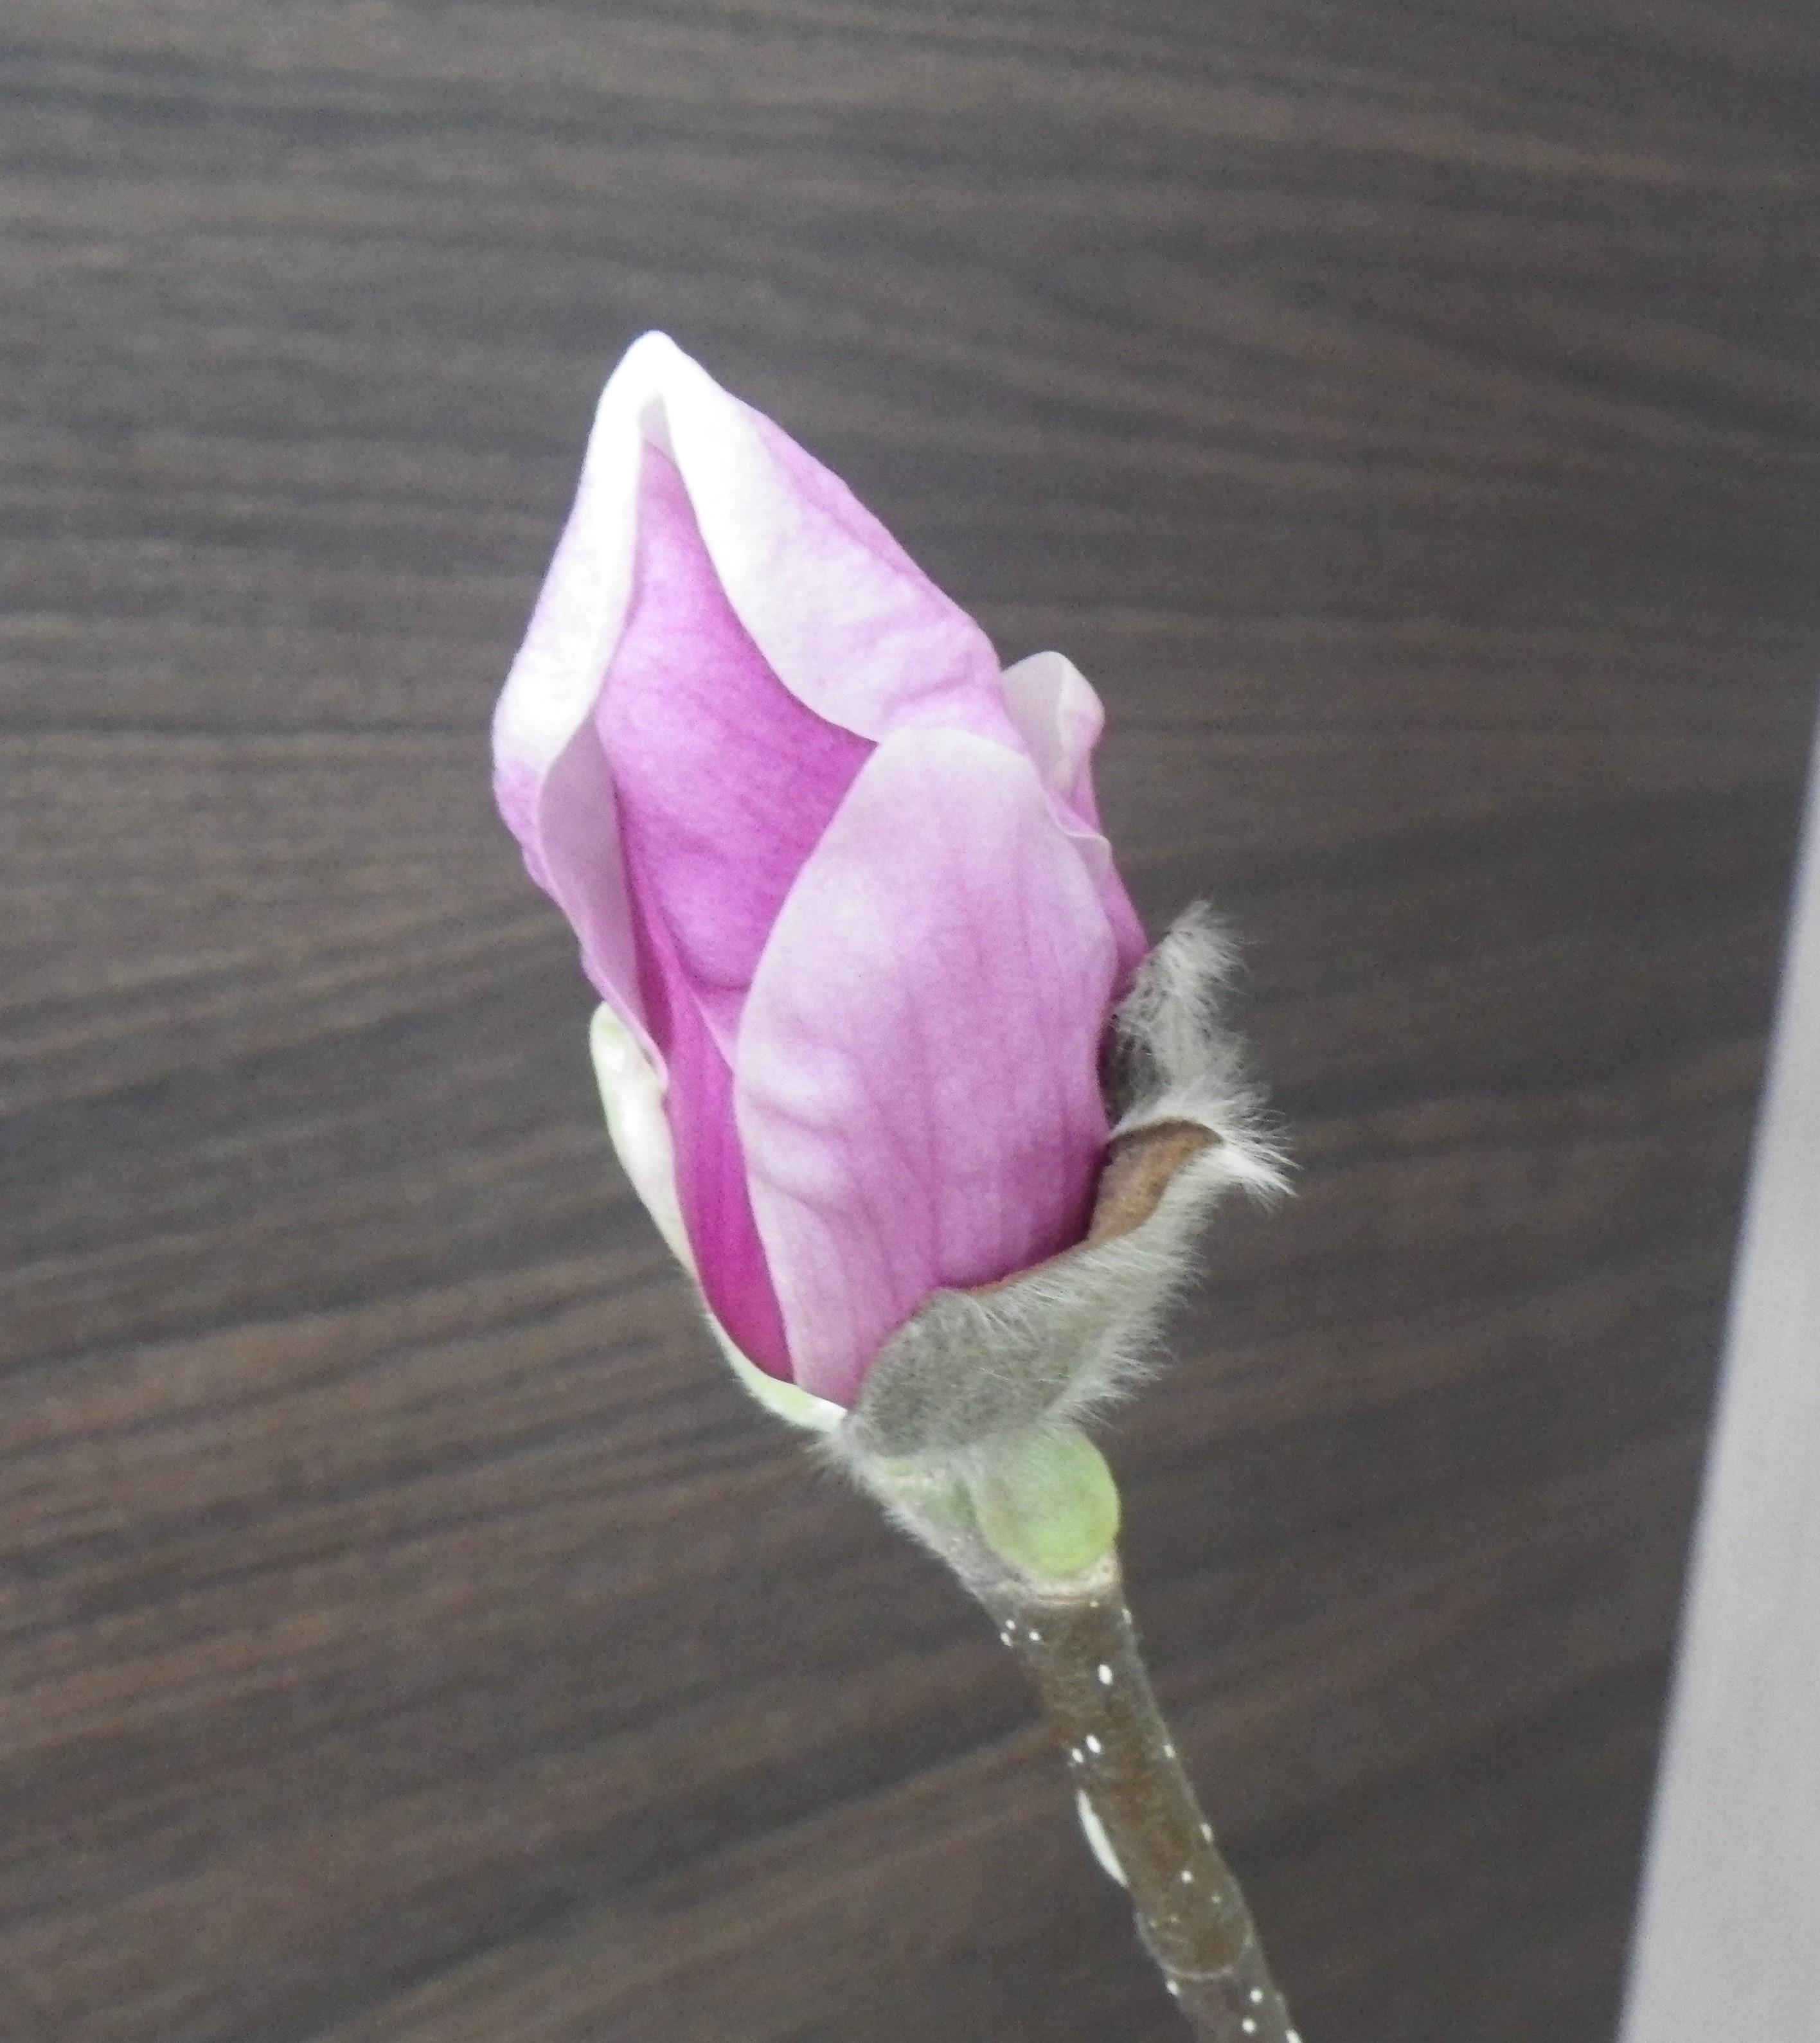 4番目に色づいたサラサモクレンの蕾が緩んでいる2月20日の画像